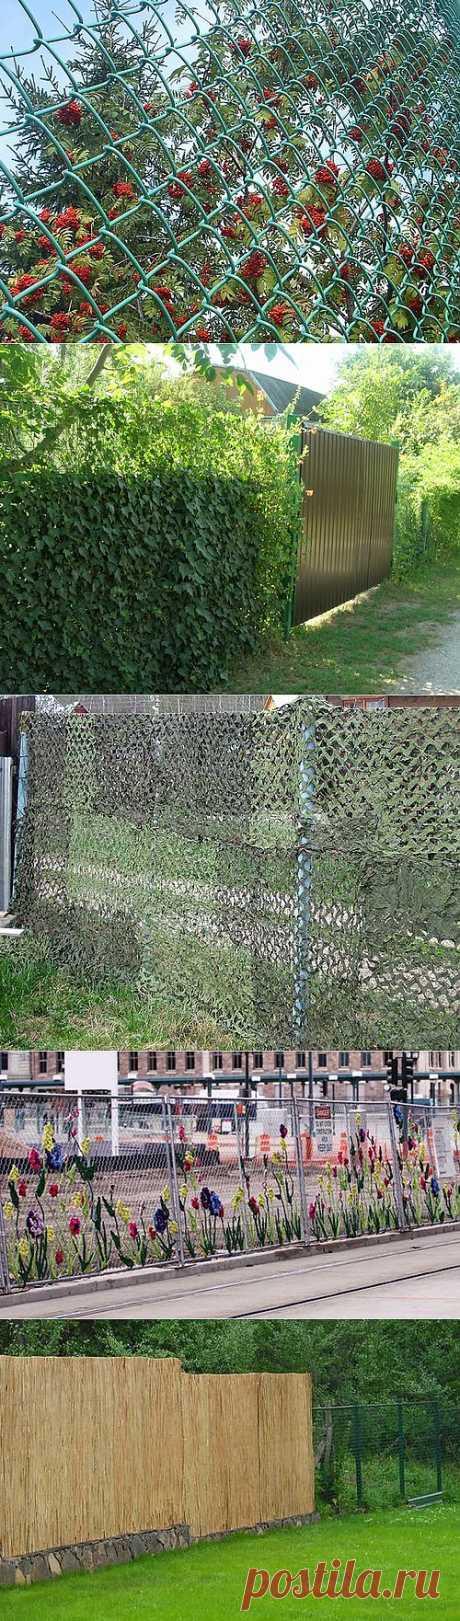 8 способов, чем закрыть забор из сетки рабицы